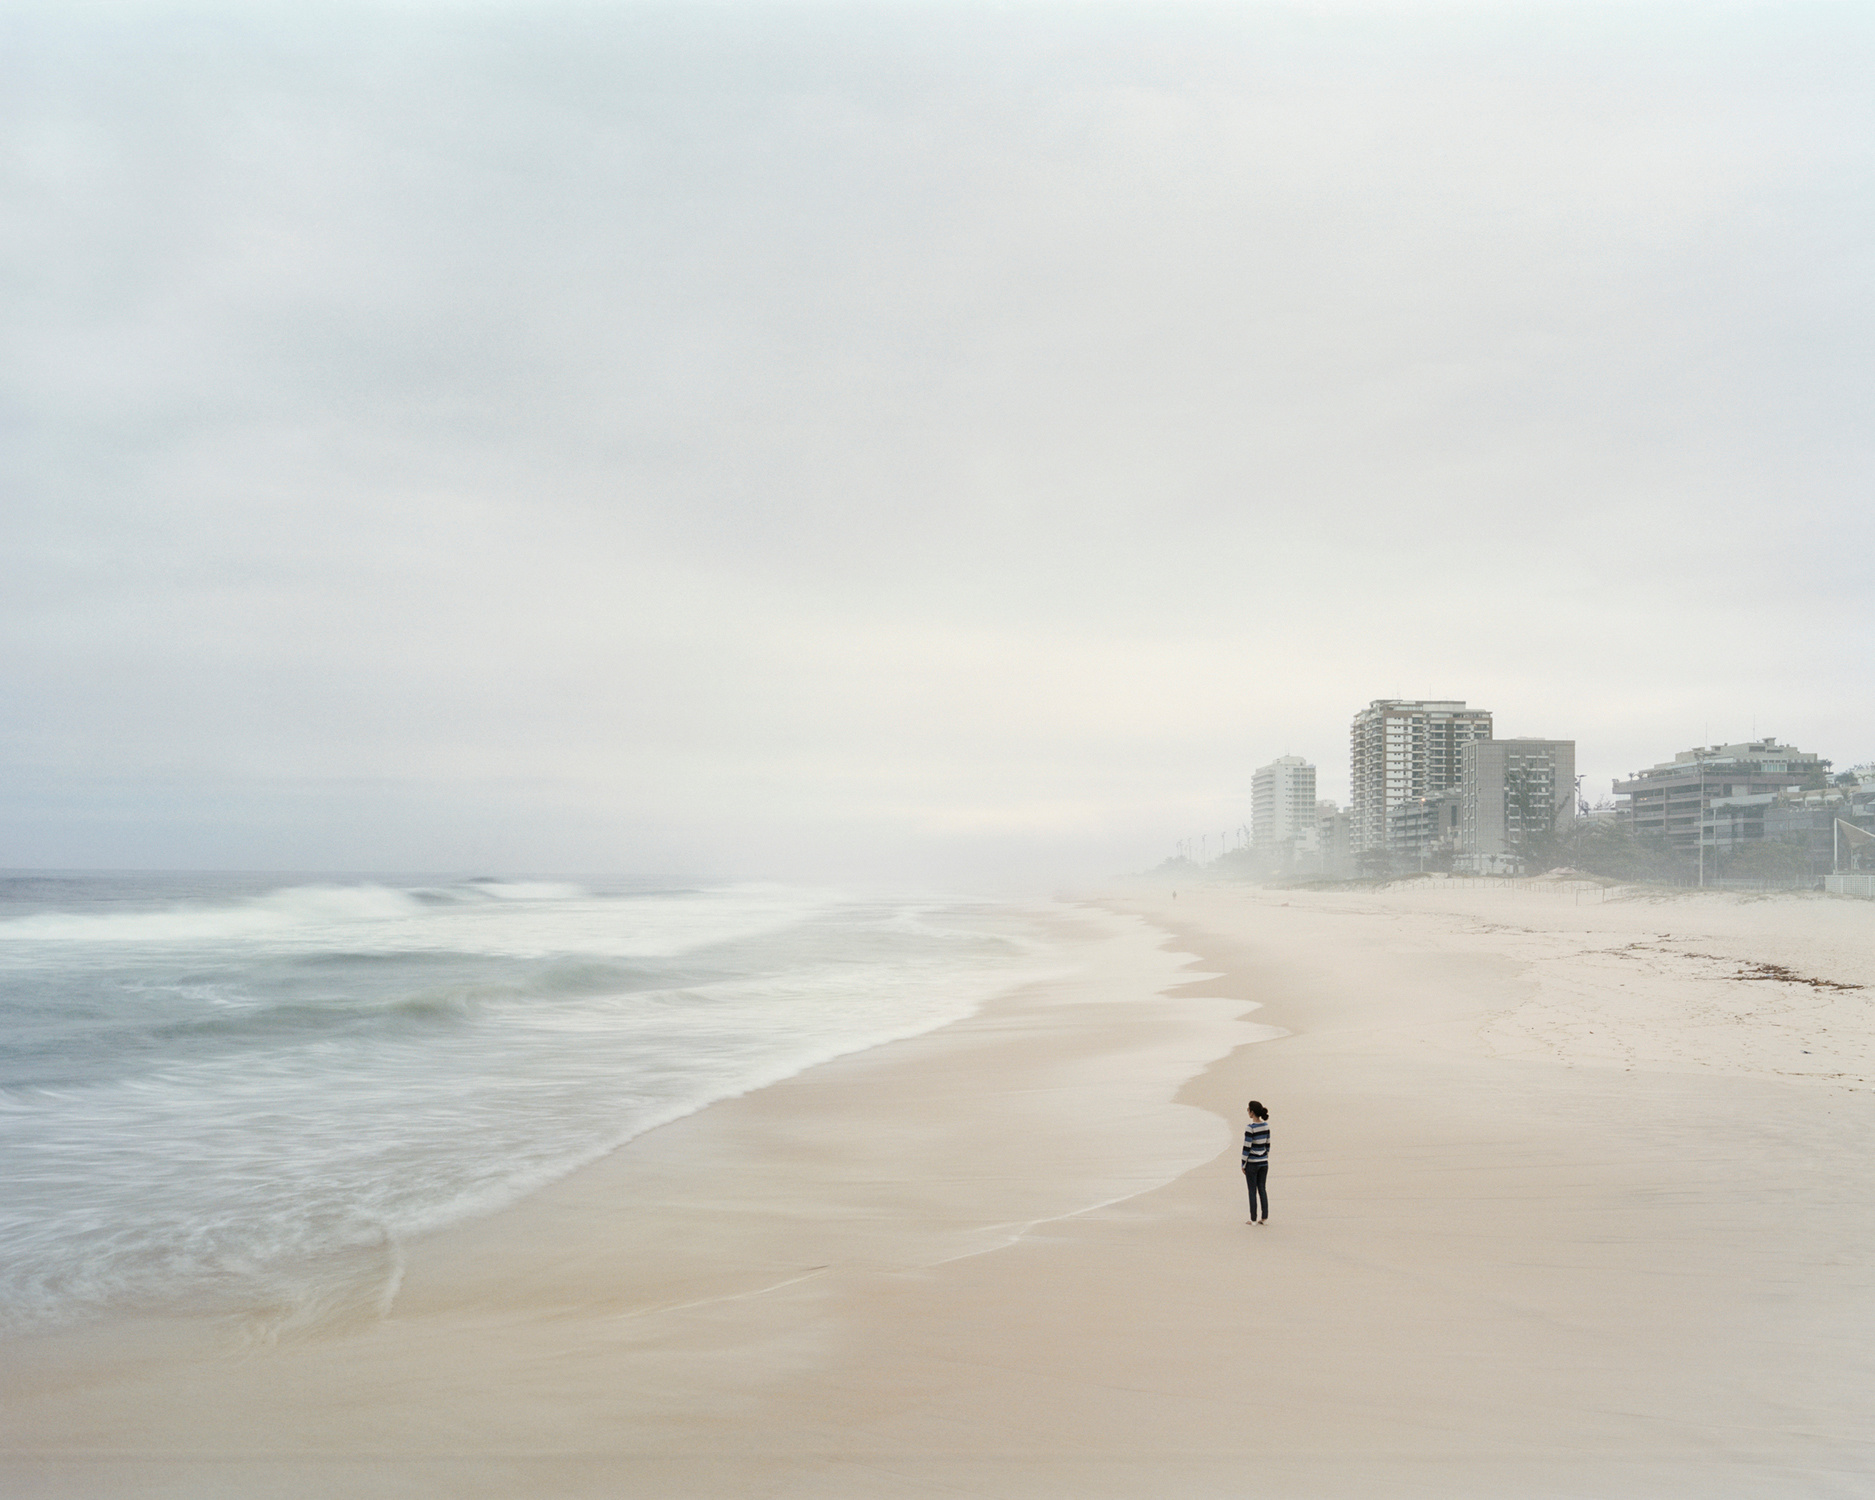 Rio: An Inner Shore